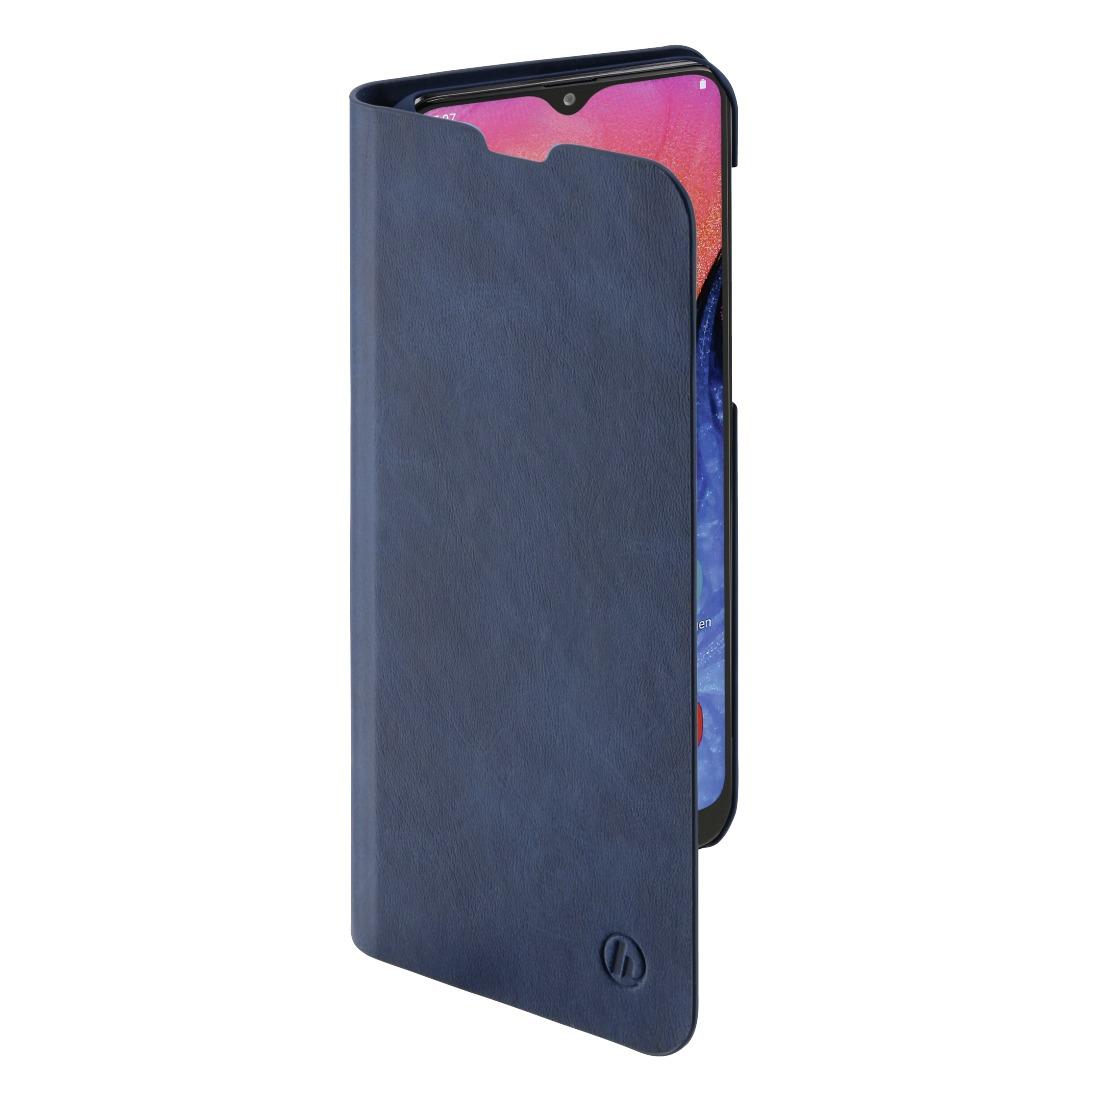 Op bestehardware.nl (de beste hardware onderdelen) is alles over telefoons te vinden: waaronder expert en specifiek Hama BOOKLET GUARD PRO GALAXY A10 Telefoonhoesje Blauw (Hama-BOOKLET-GUARD-PRO-GALAXY-A10-Telefoonhoesje-Blauw372574677)